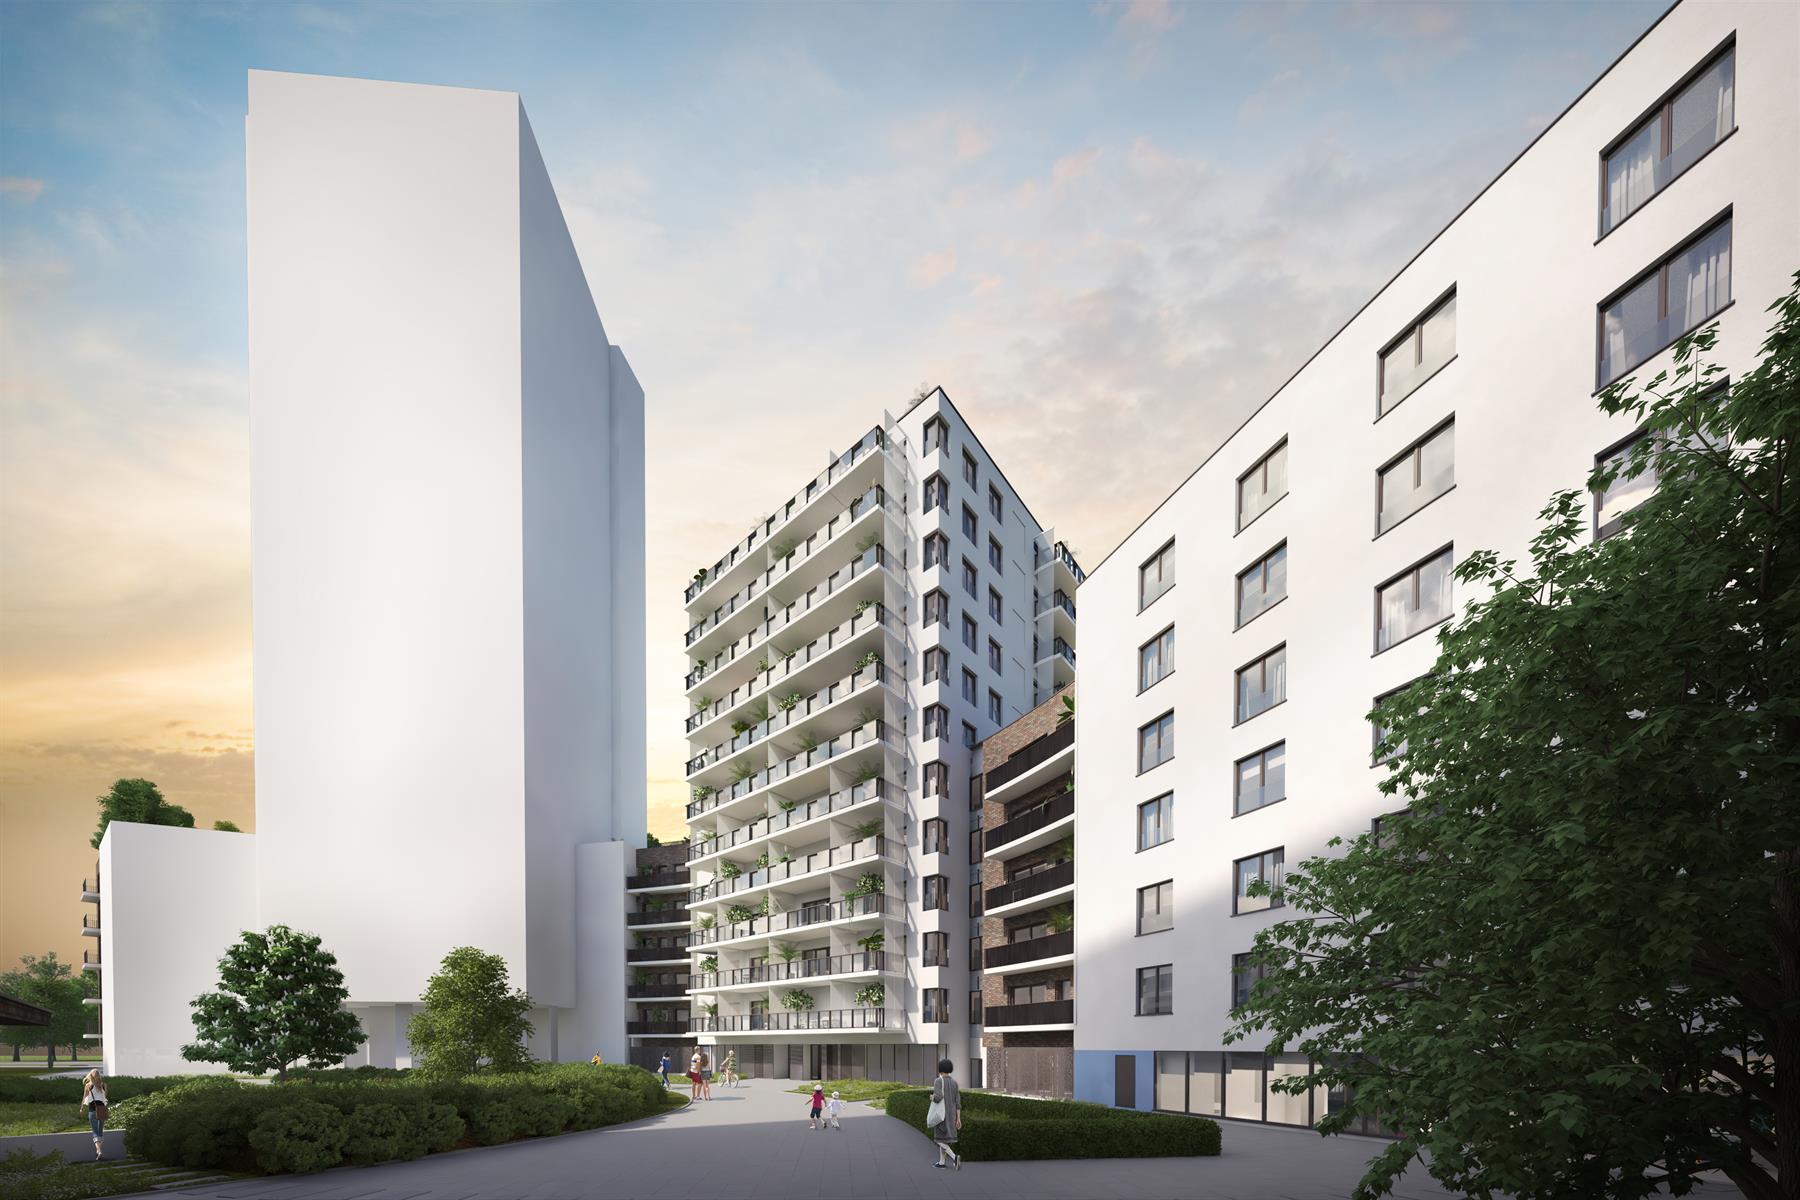 Flat - Ixelles - #4365581-10